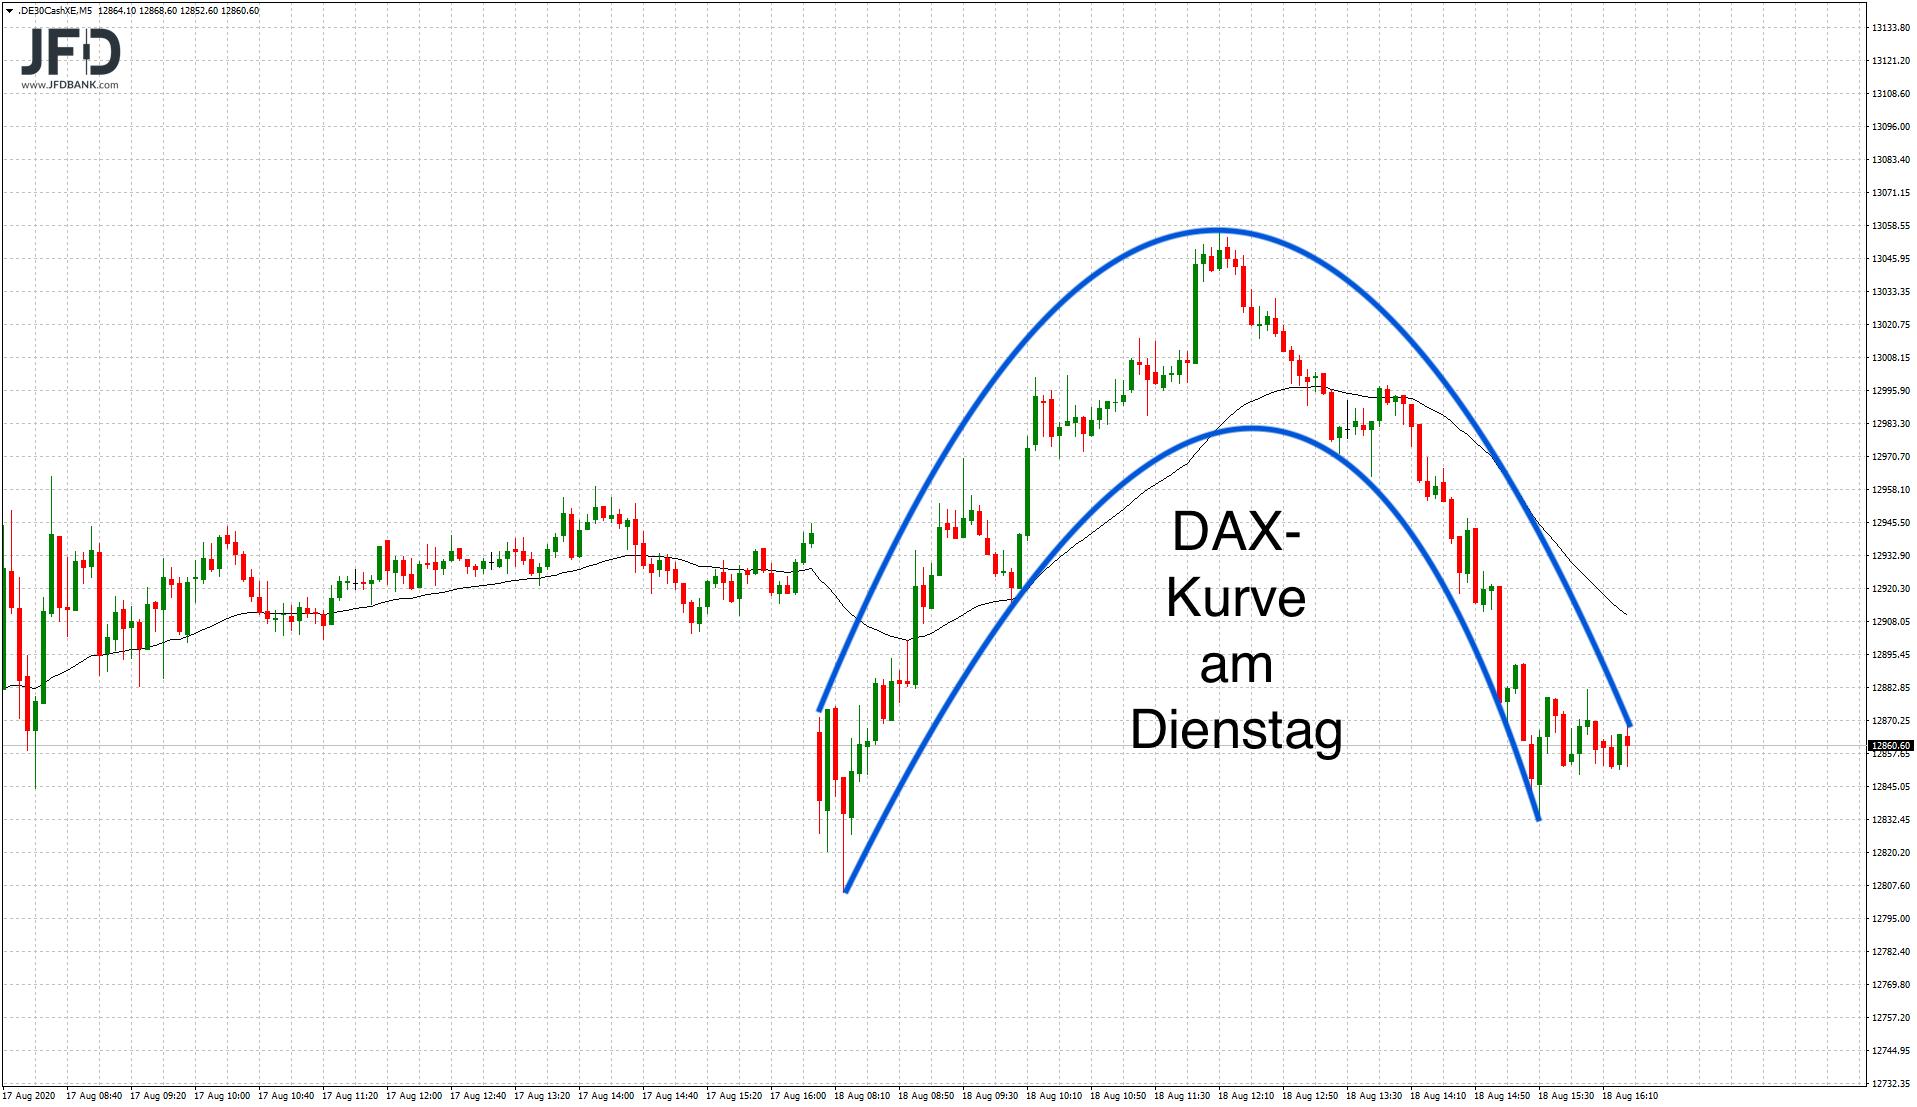 DAX-Kurve am Dienstag